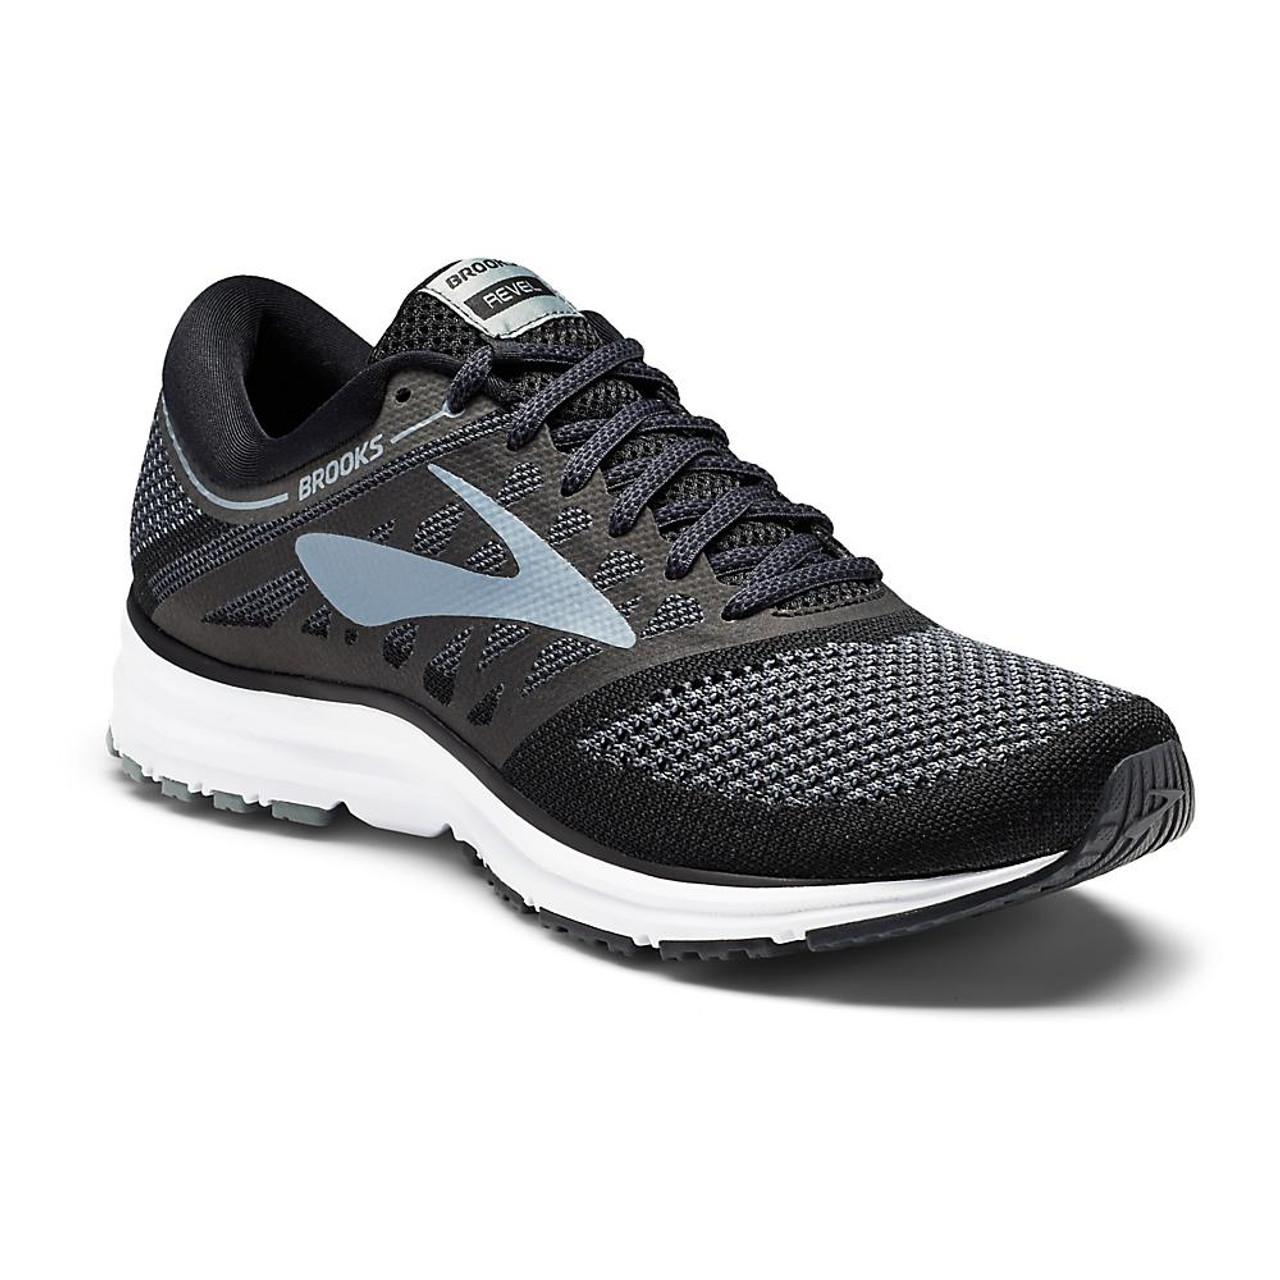 Men's Brooks Revel Running Shoes | Free